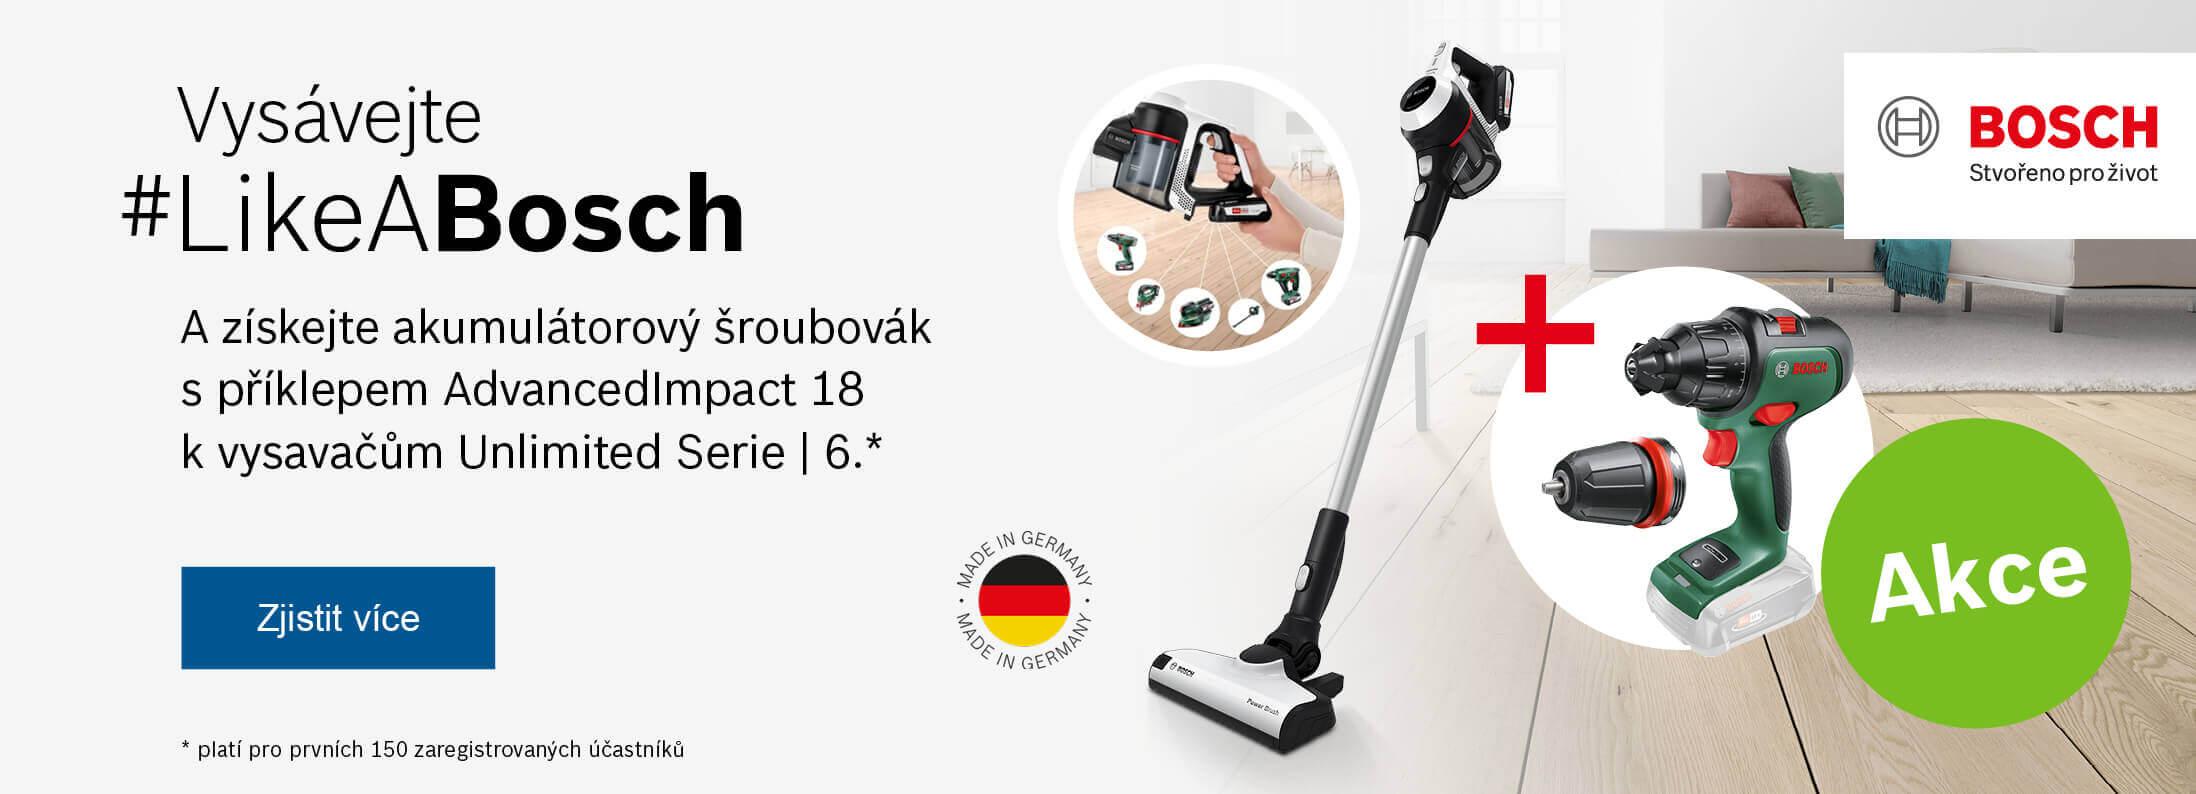 Bosch - Získejte akumulátorový šroubovák k vysavačům Unlimited Serie | 6